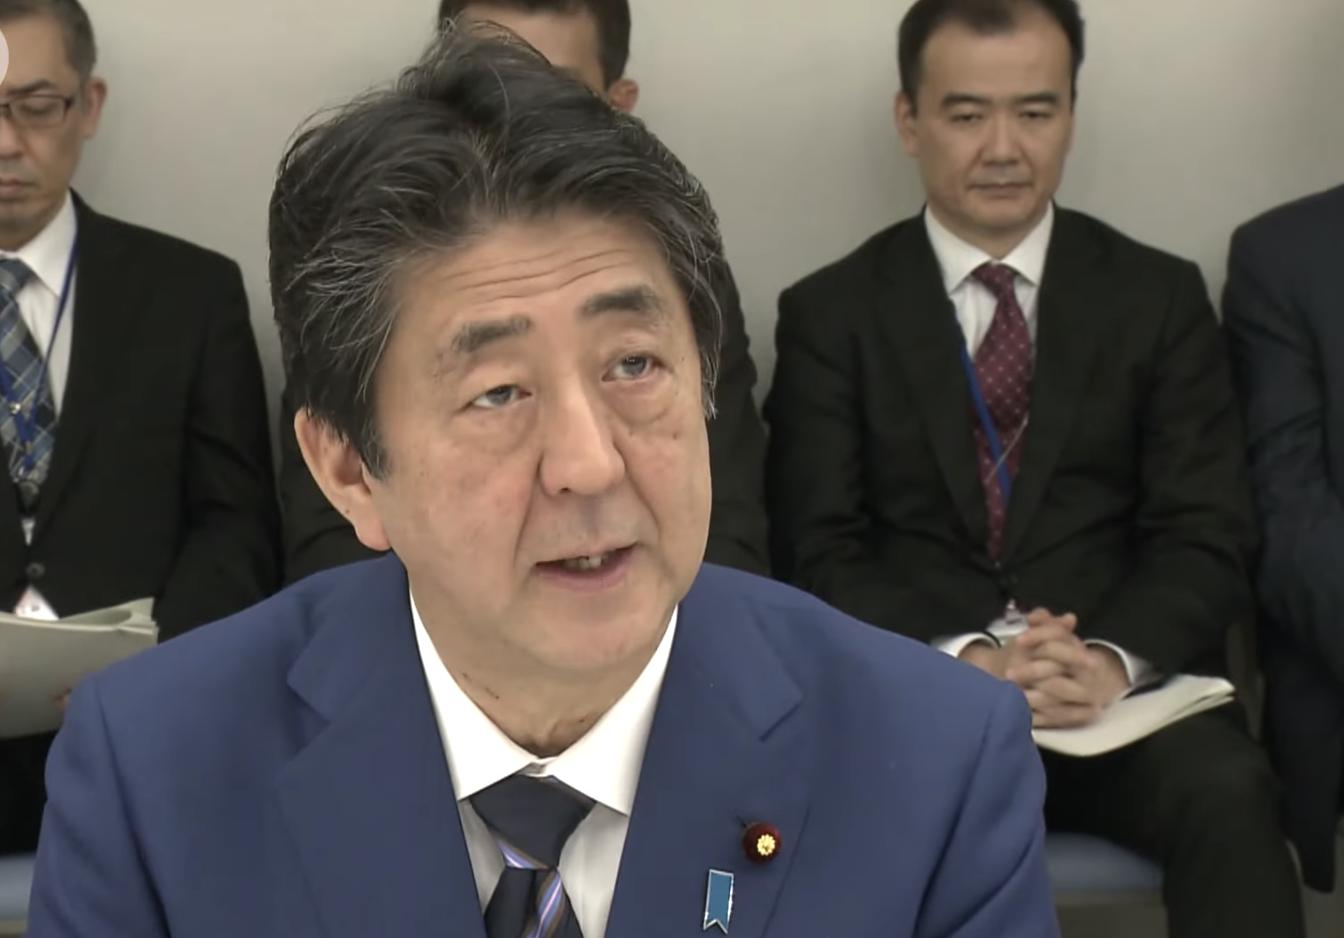 日本首相安倍晉三10日,在政府與執政黨的碰頭會上表示,未來經濟不明朗,「將全力果斷應對」。日媒指支撐安倍內閣的三大支柱「外交」,「危機管理」,「經濟」均在動搖。(視頻截圖)